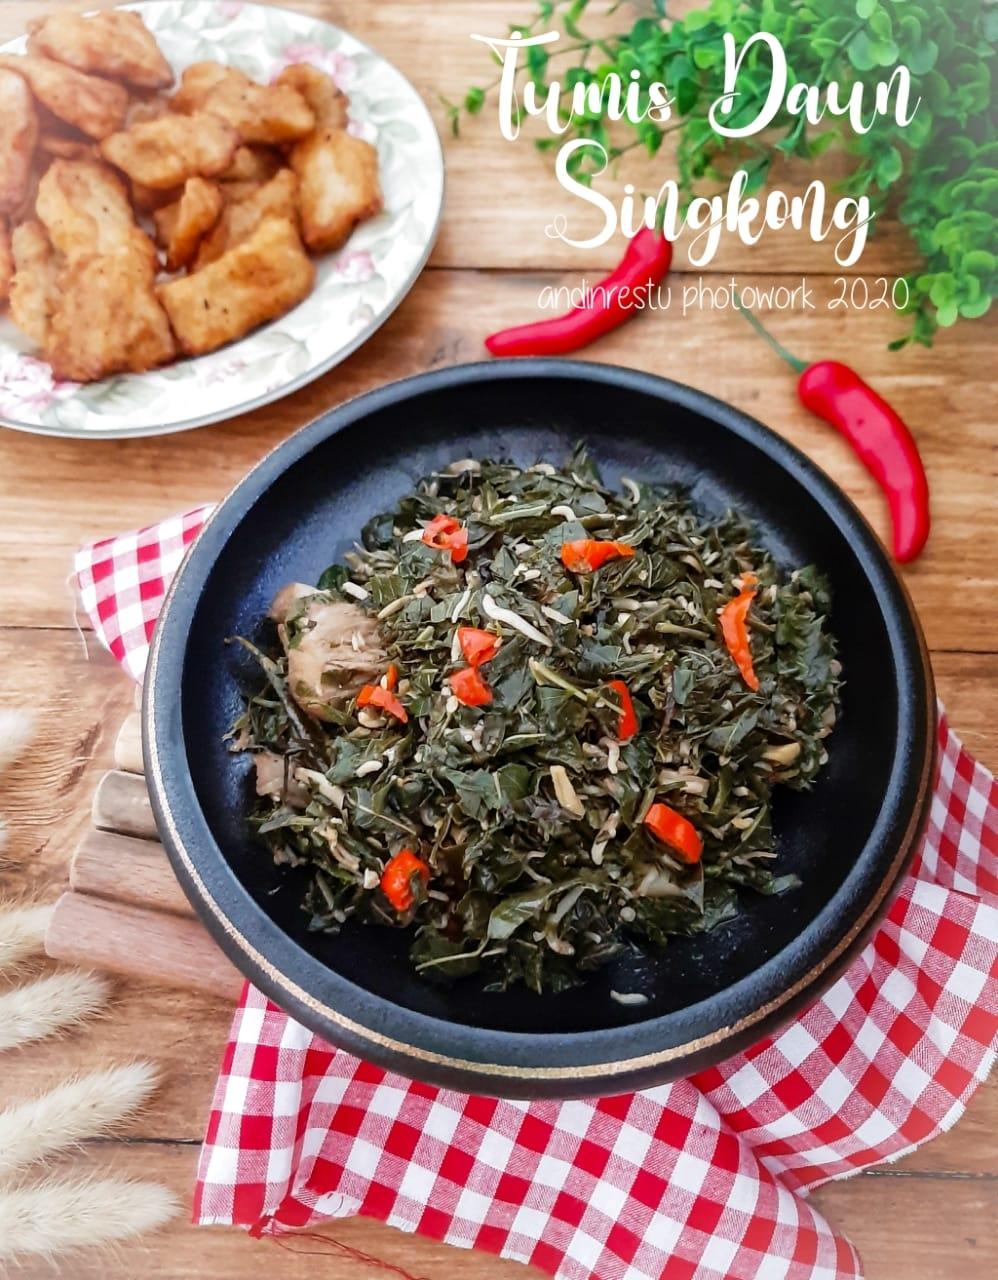 Home Made Food Photography by Andini Restu (andinrestu),seni kuliner,seni digital,fotografi